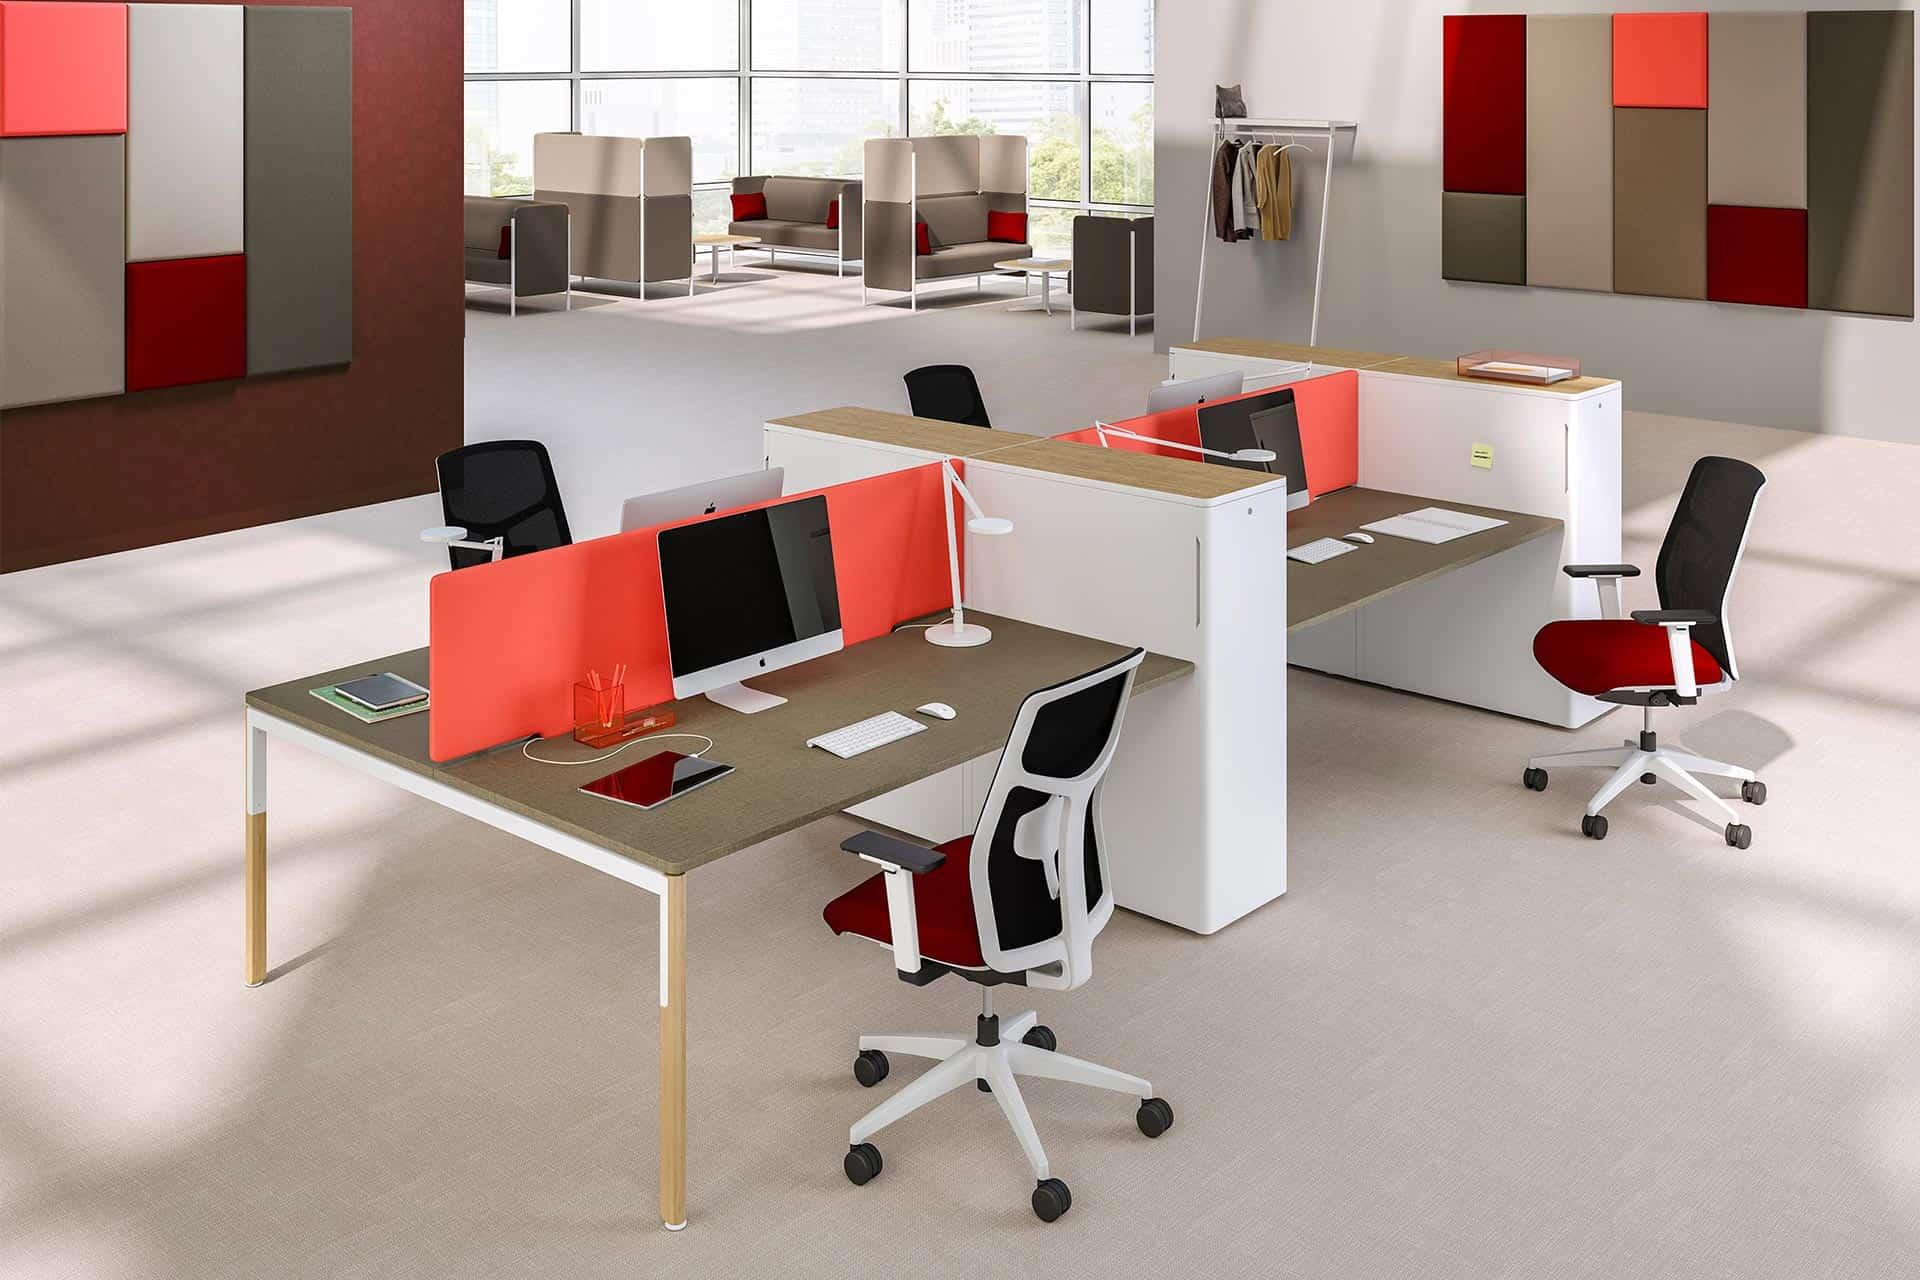 mobilier de bureau à Caen (Calvados -14) en Normandie - Clen bureaux 02